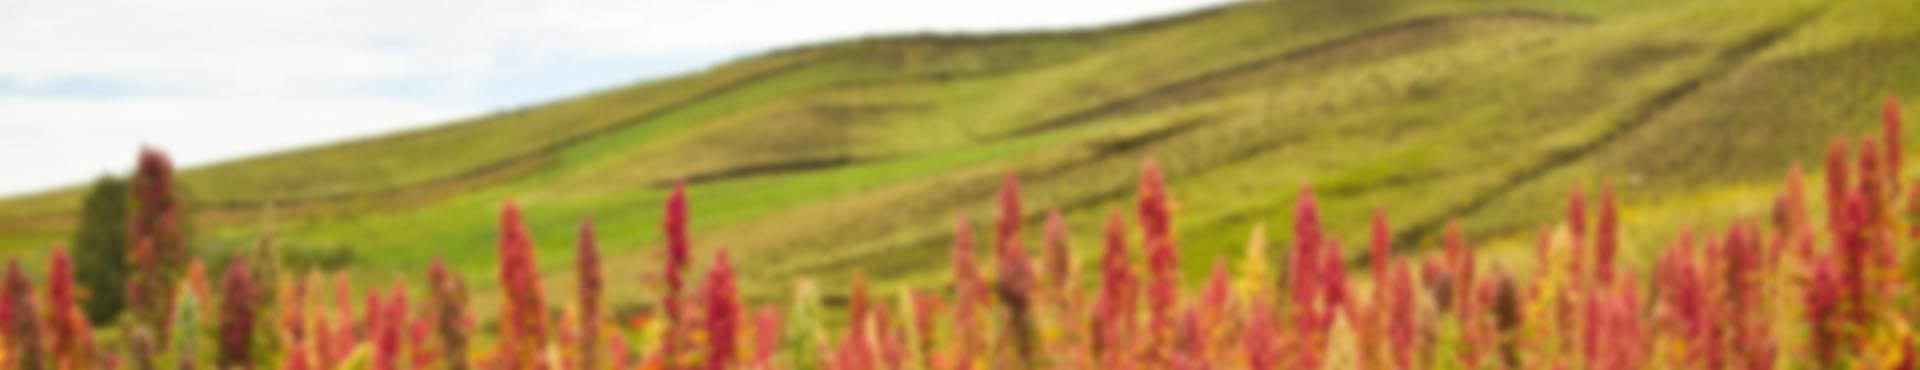 quinoa-bg